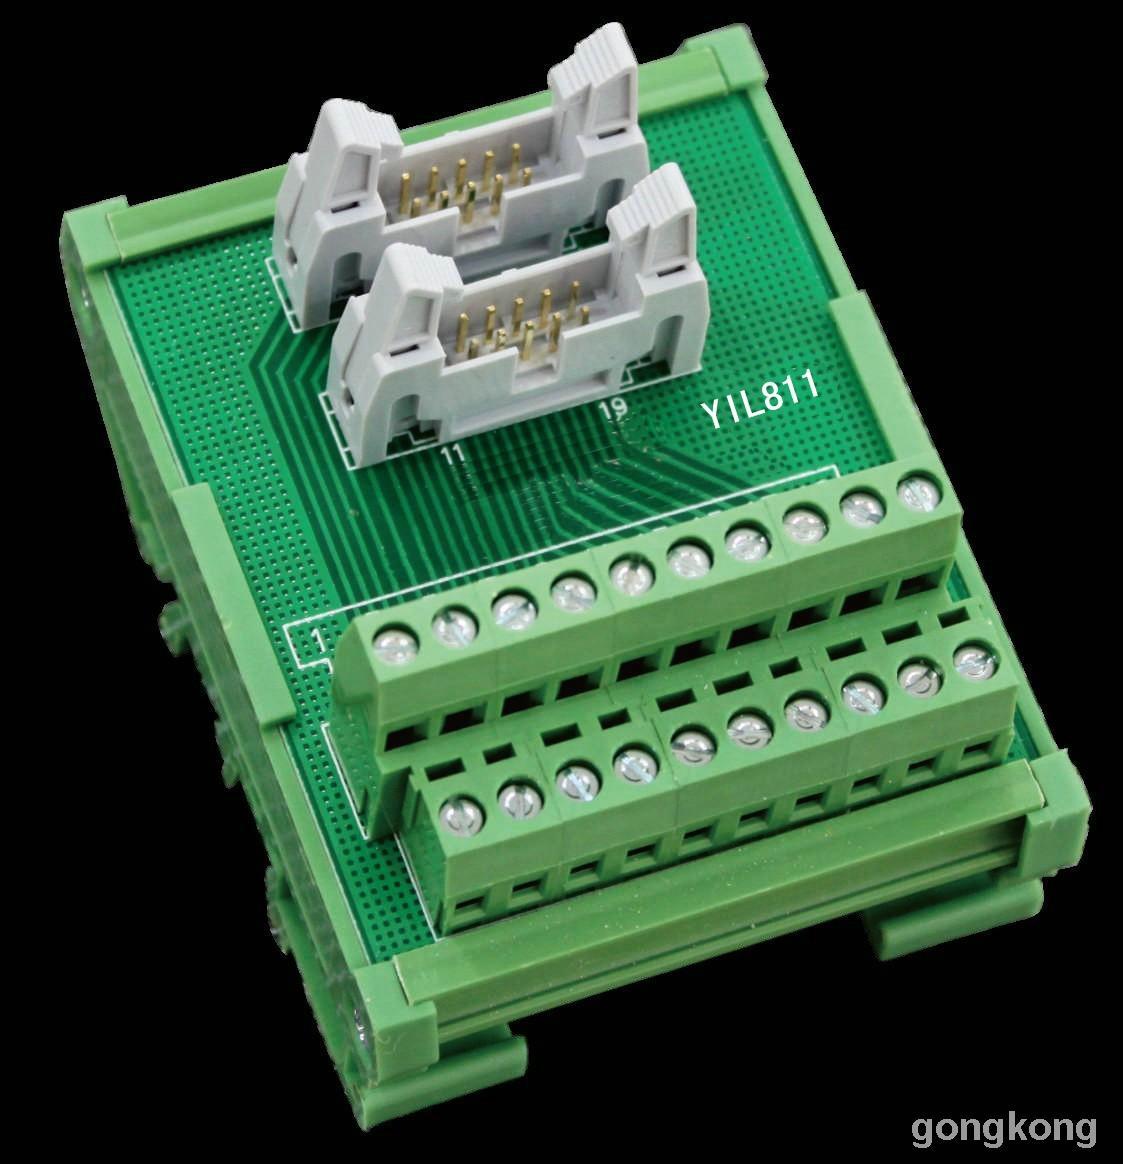 端子台模组YIL811 仿欧姆龙继电器 仿西门子继电器模组